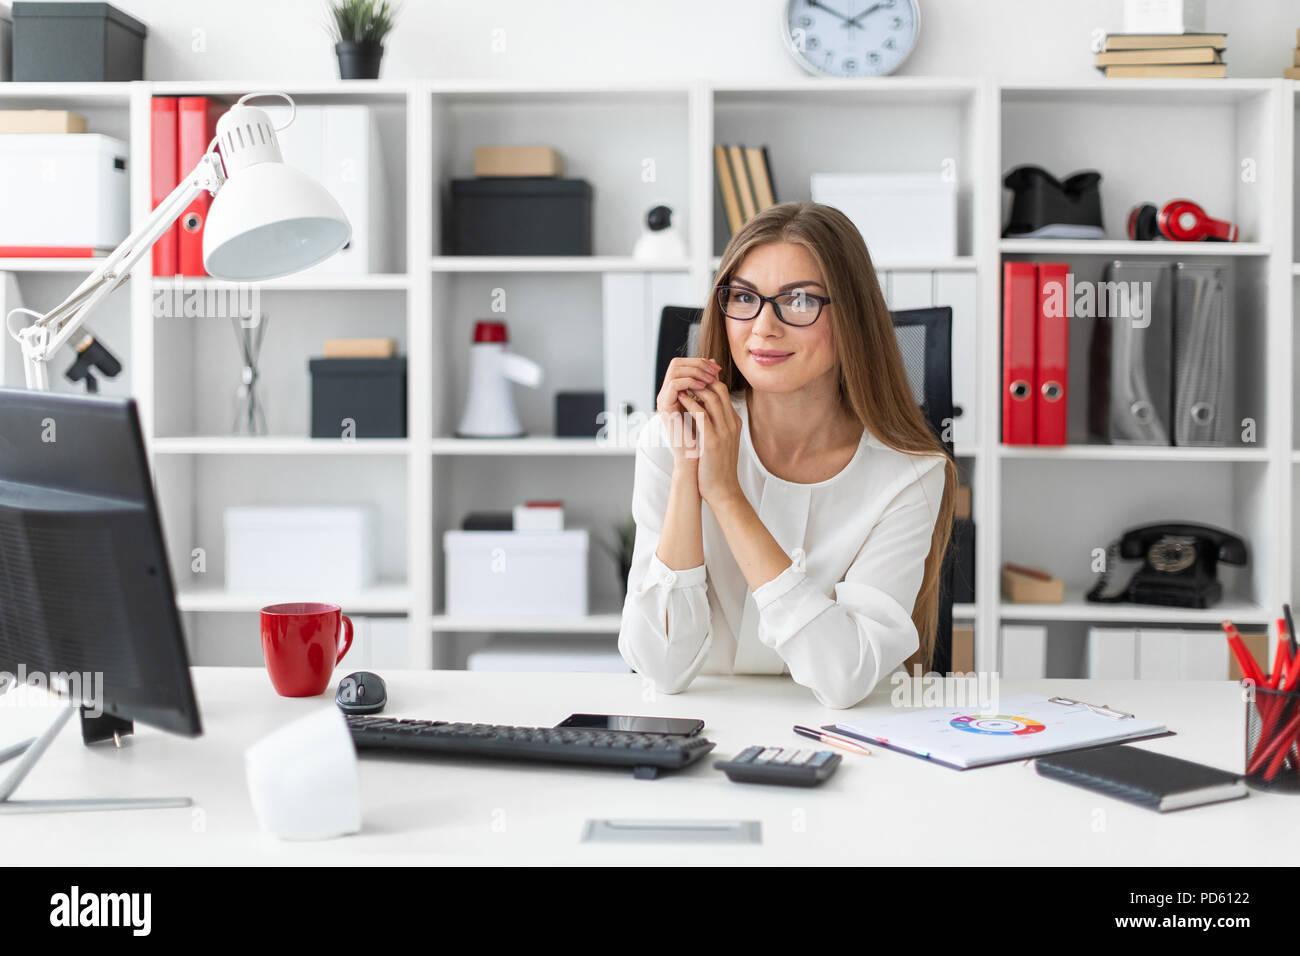 Una niña pequeña está sentada en la mesa de ordenador en la oficina. Foto de stock